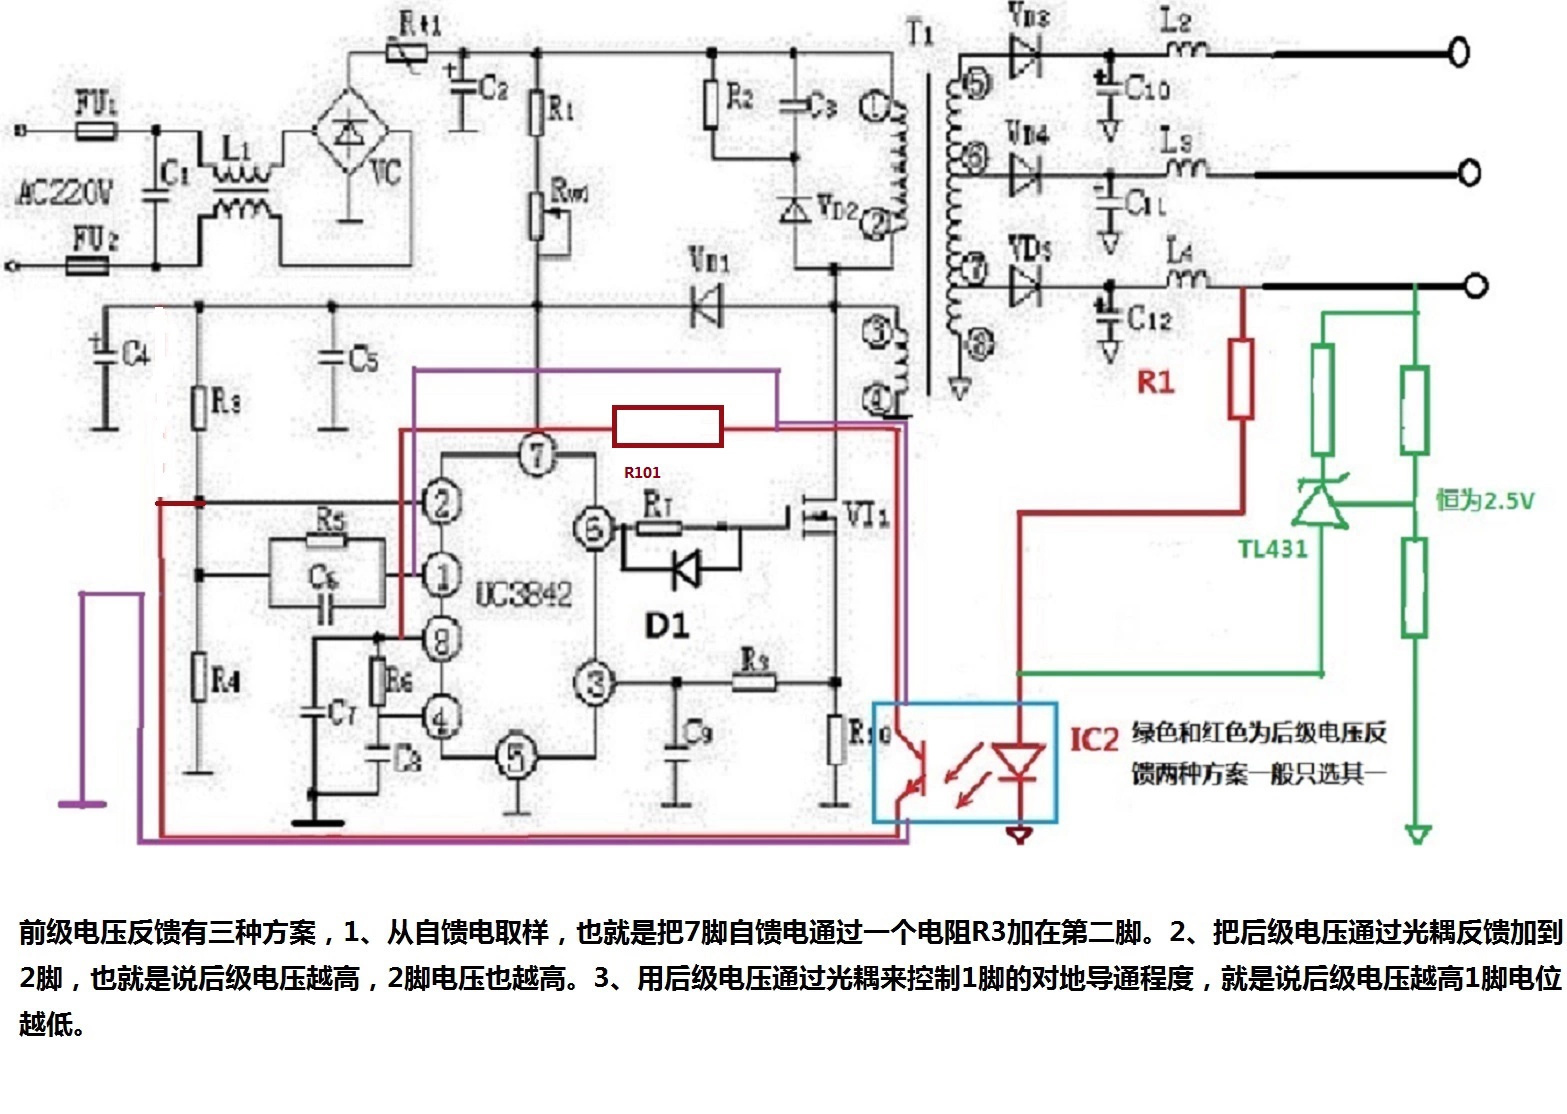 先再来说开关电源的9大部分: 1、整流滤波电路,作用是把220V交流电转变为三百伏直流电。 2、启动电路,作用是给UC3842一个启动电流,一般通过300V大电容,加一个大电阻降压以后实现。 3、振荡电路,作用是为UC3842提供一个工作频率,通过在第4脚上加适当的电容和电阻来实现,本质就是通过电容的反复充放电过程来给UC3842一个基本的工作频率。(PS:UC3842为定时脚,其上接一个电容(下图中C8),第8脚再通过一个电阻(下图中R6)给电容充电,当电压上升2.